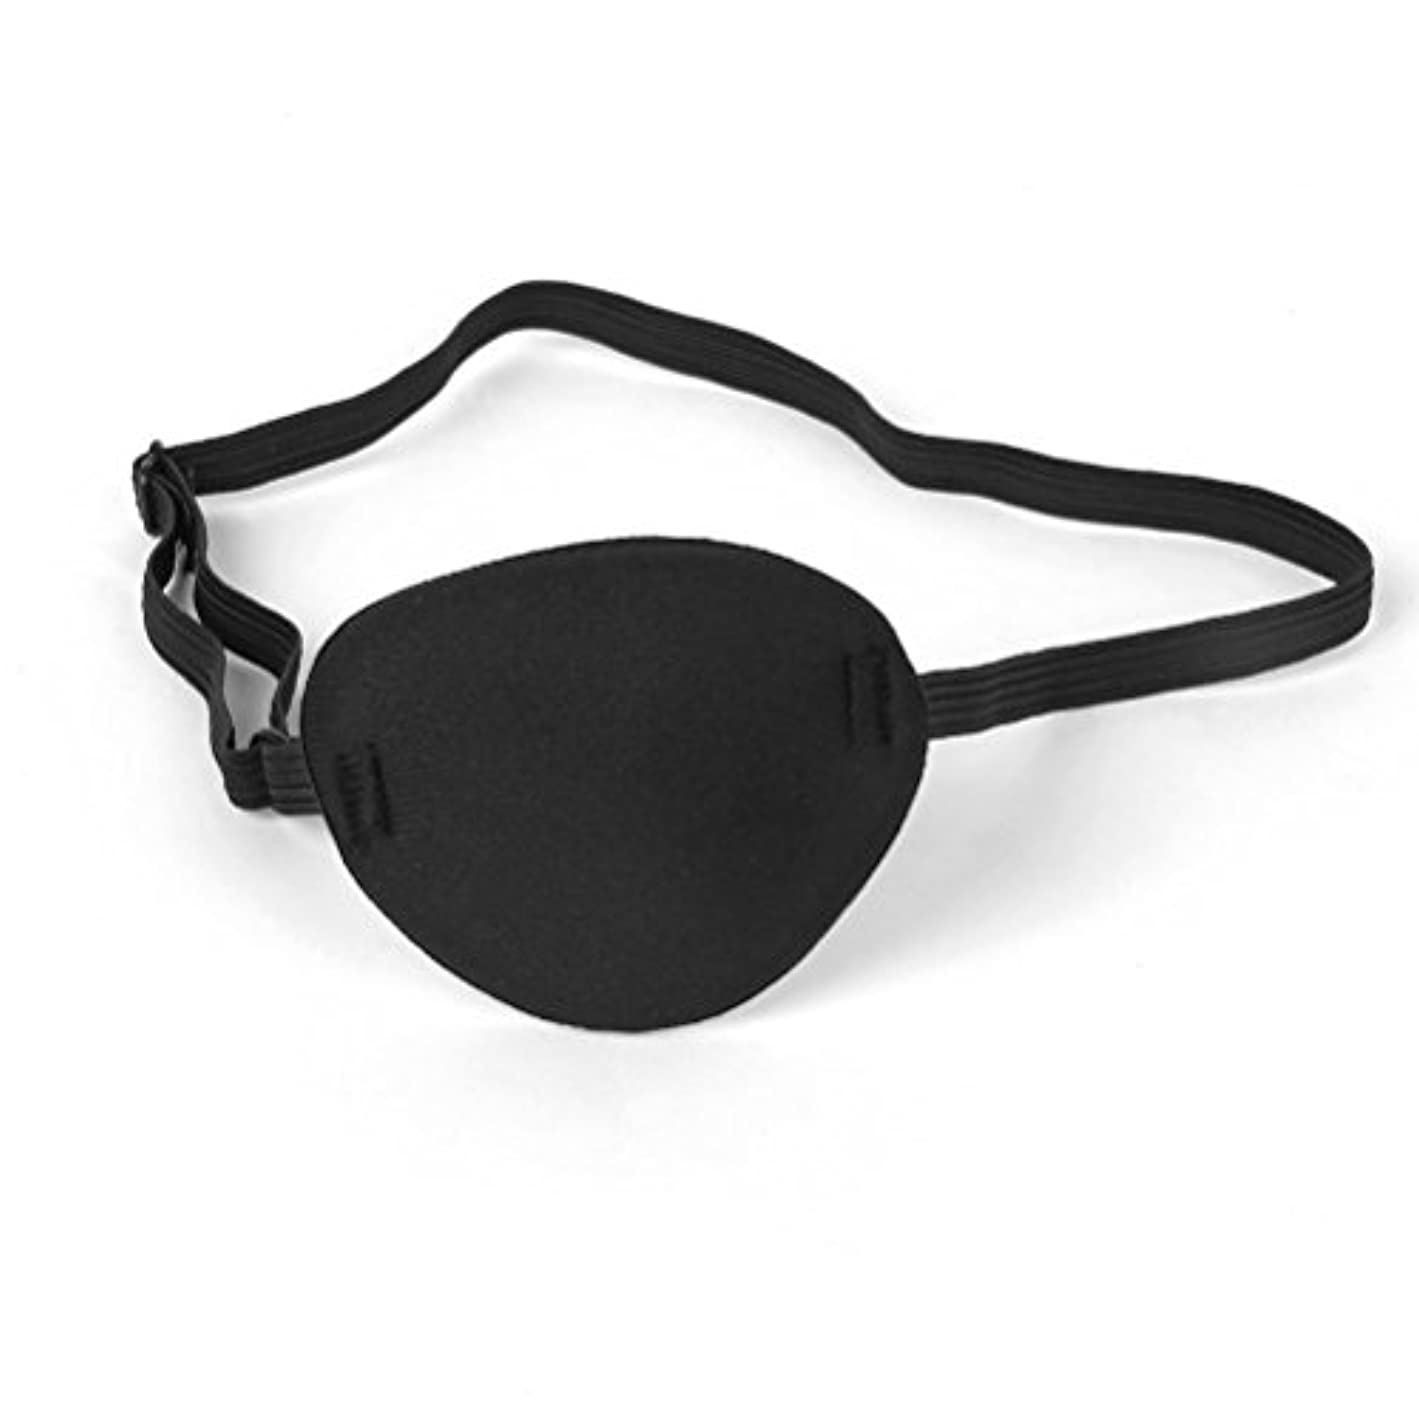 堀クレタ神経Healifty パイレーツスカルクロスボーンキッズアイパッチアイマスクfor Lazy Eye(Black)